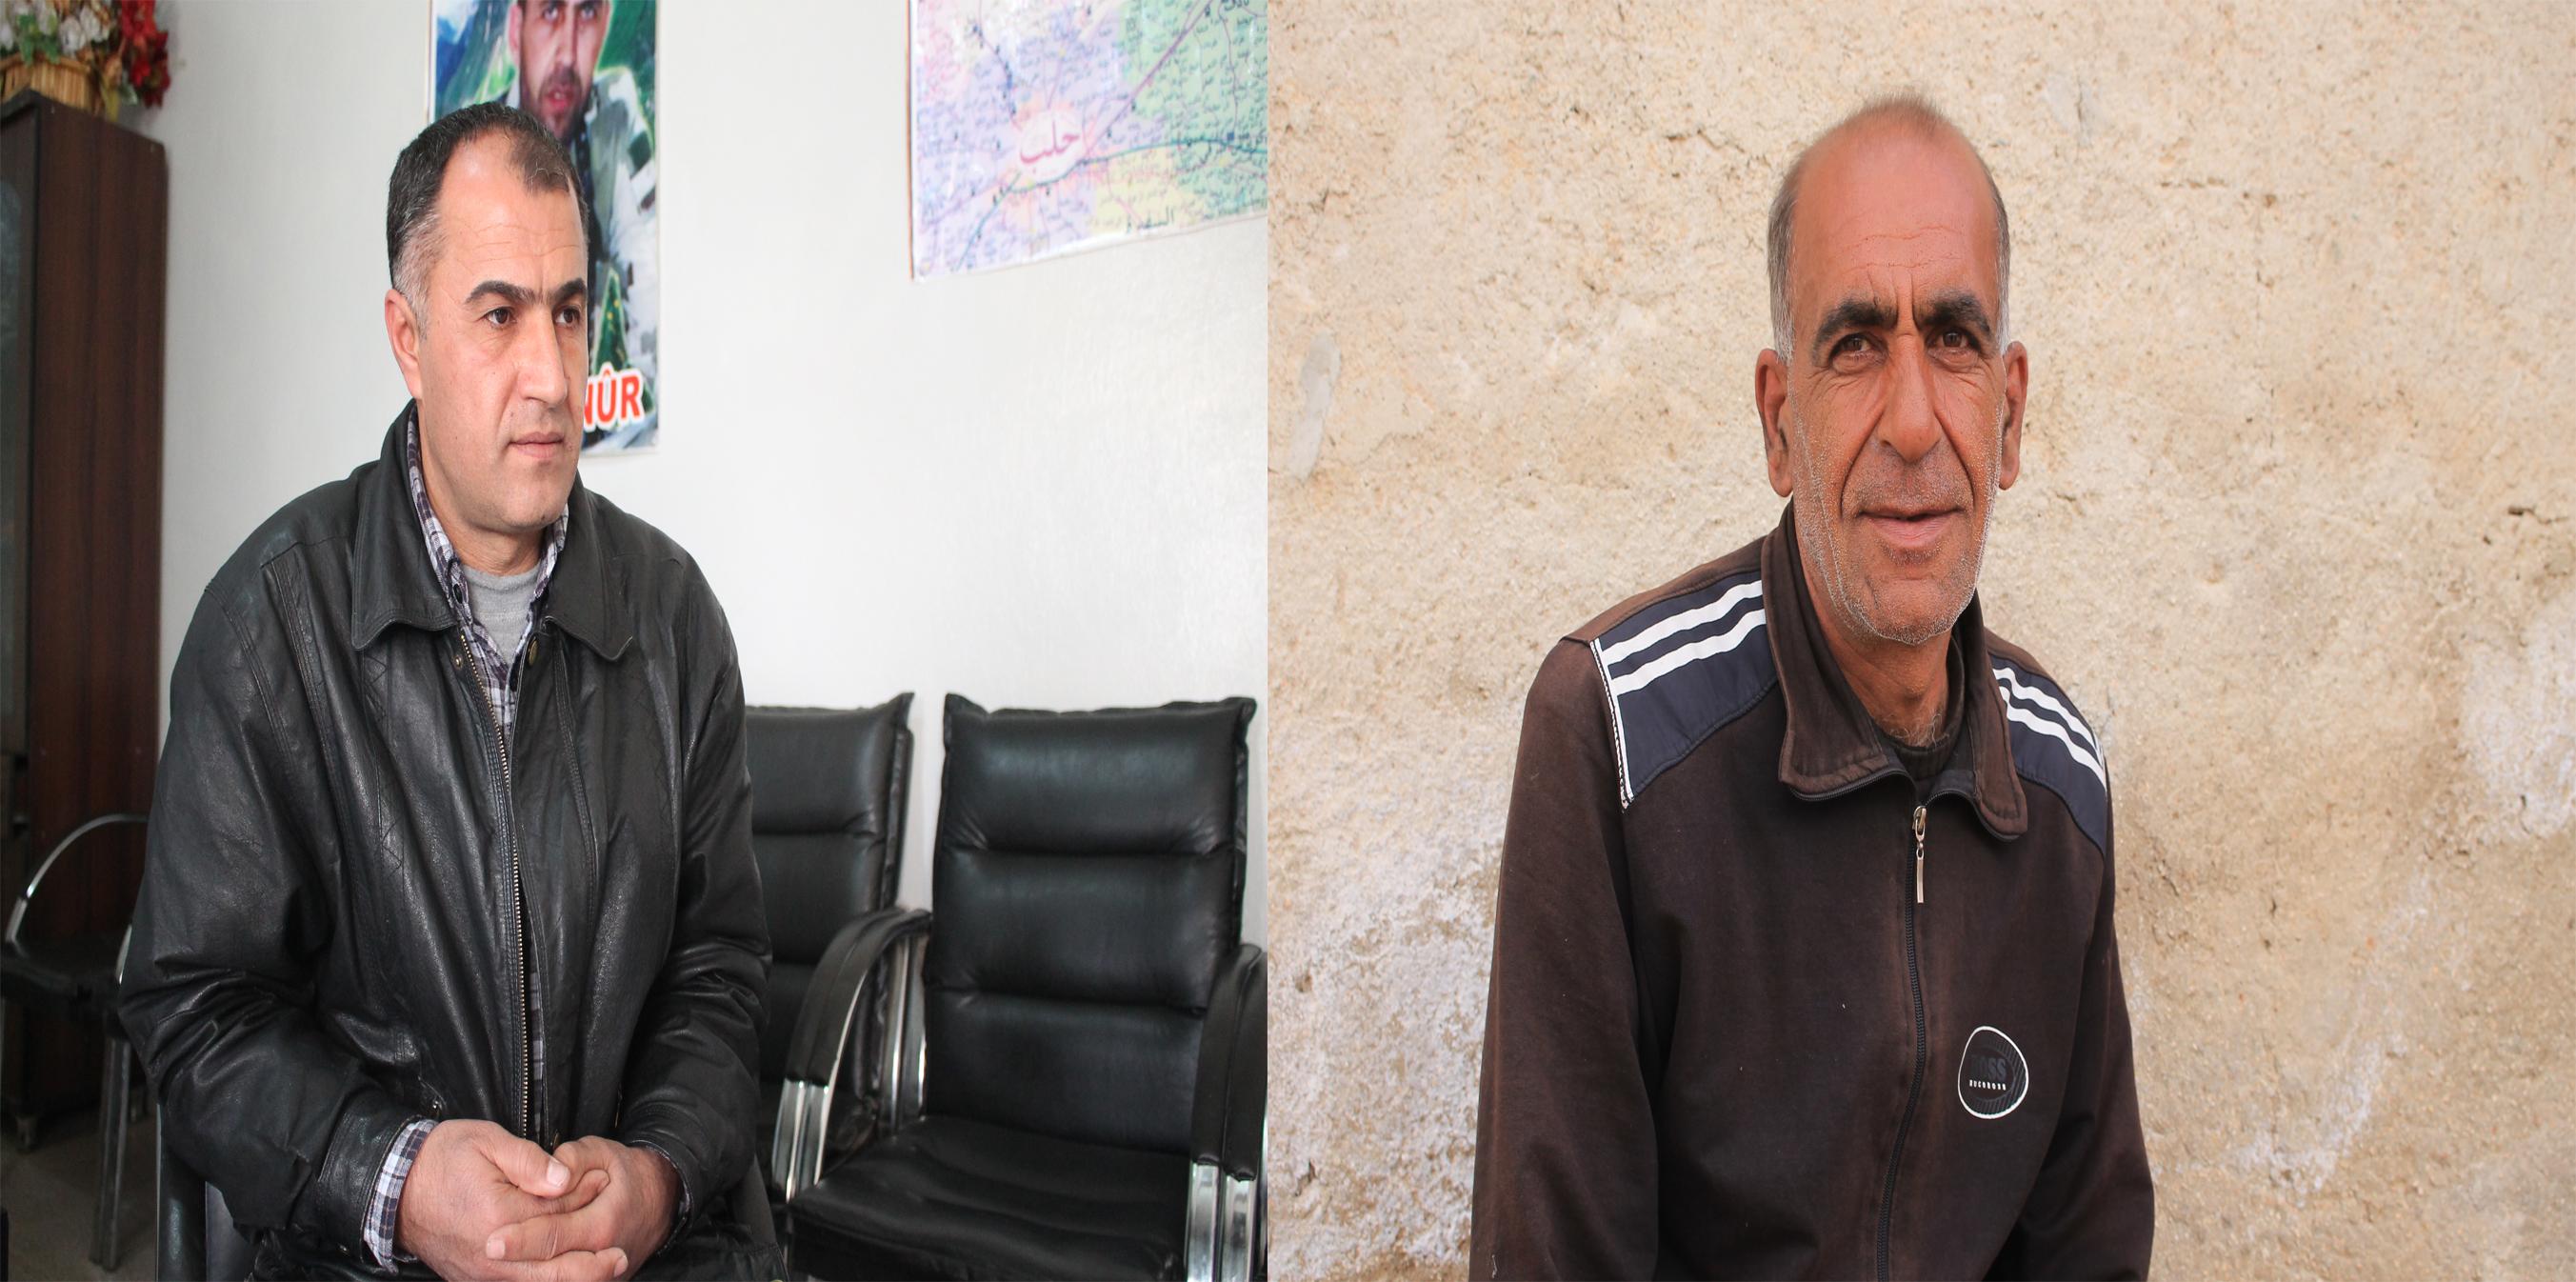 Consejo del Cantón de Al-Shahba brinda apoyo económico y de salud a la gente de Afrin